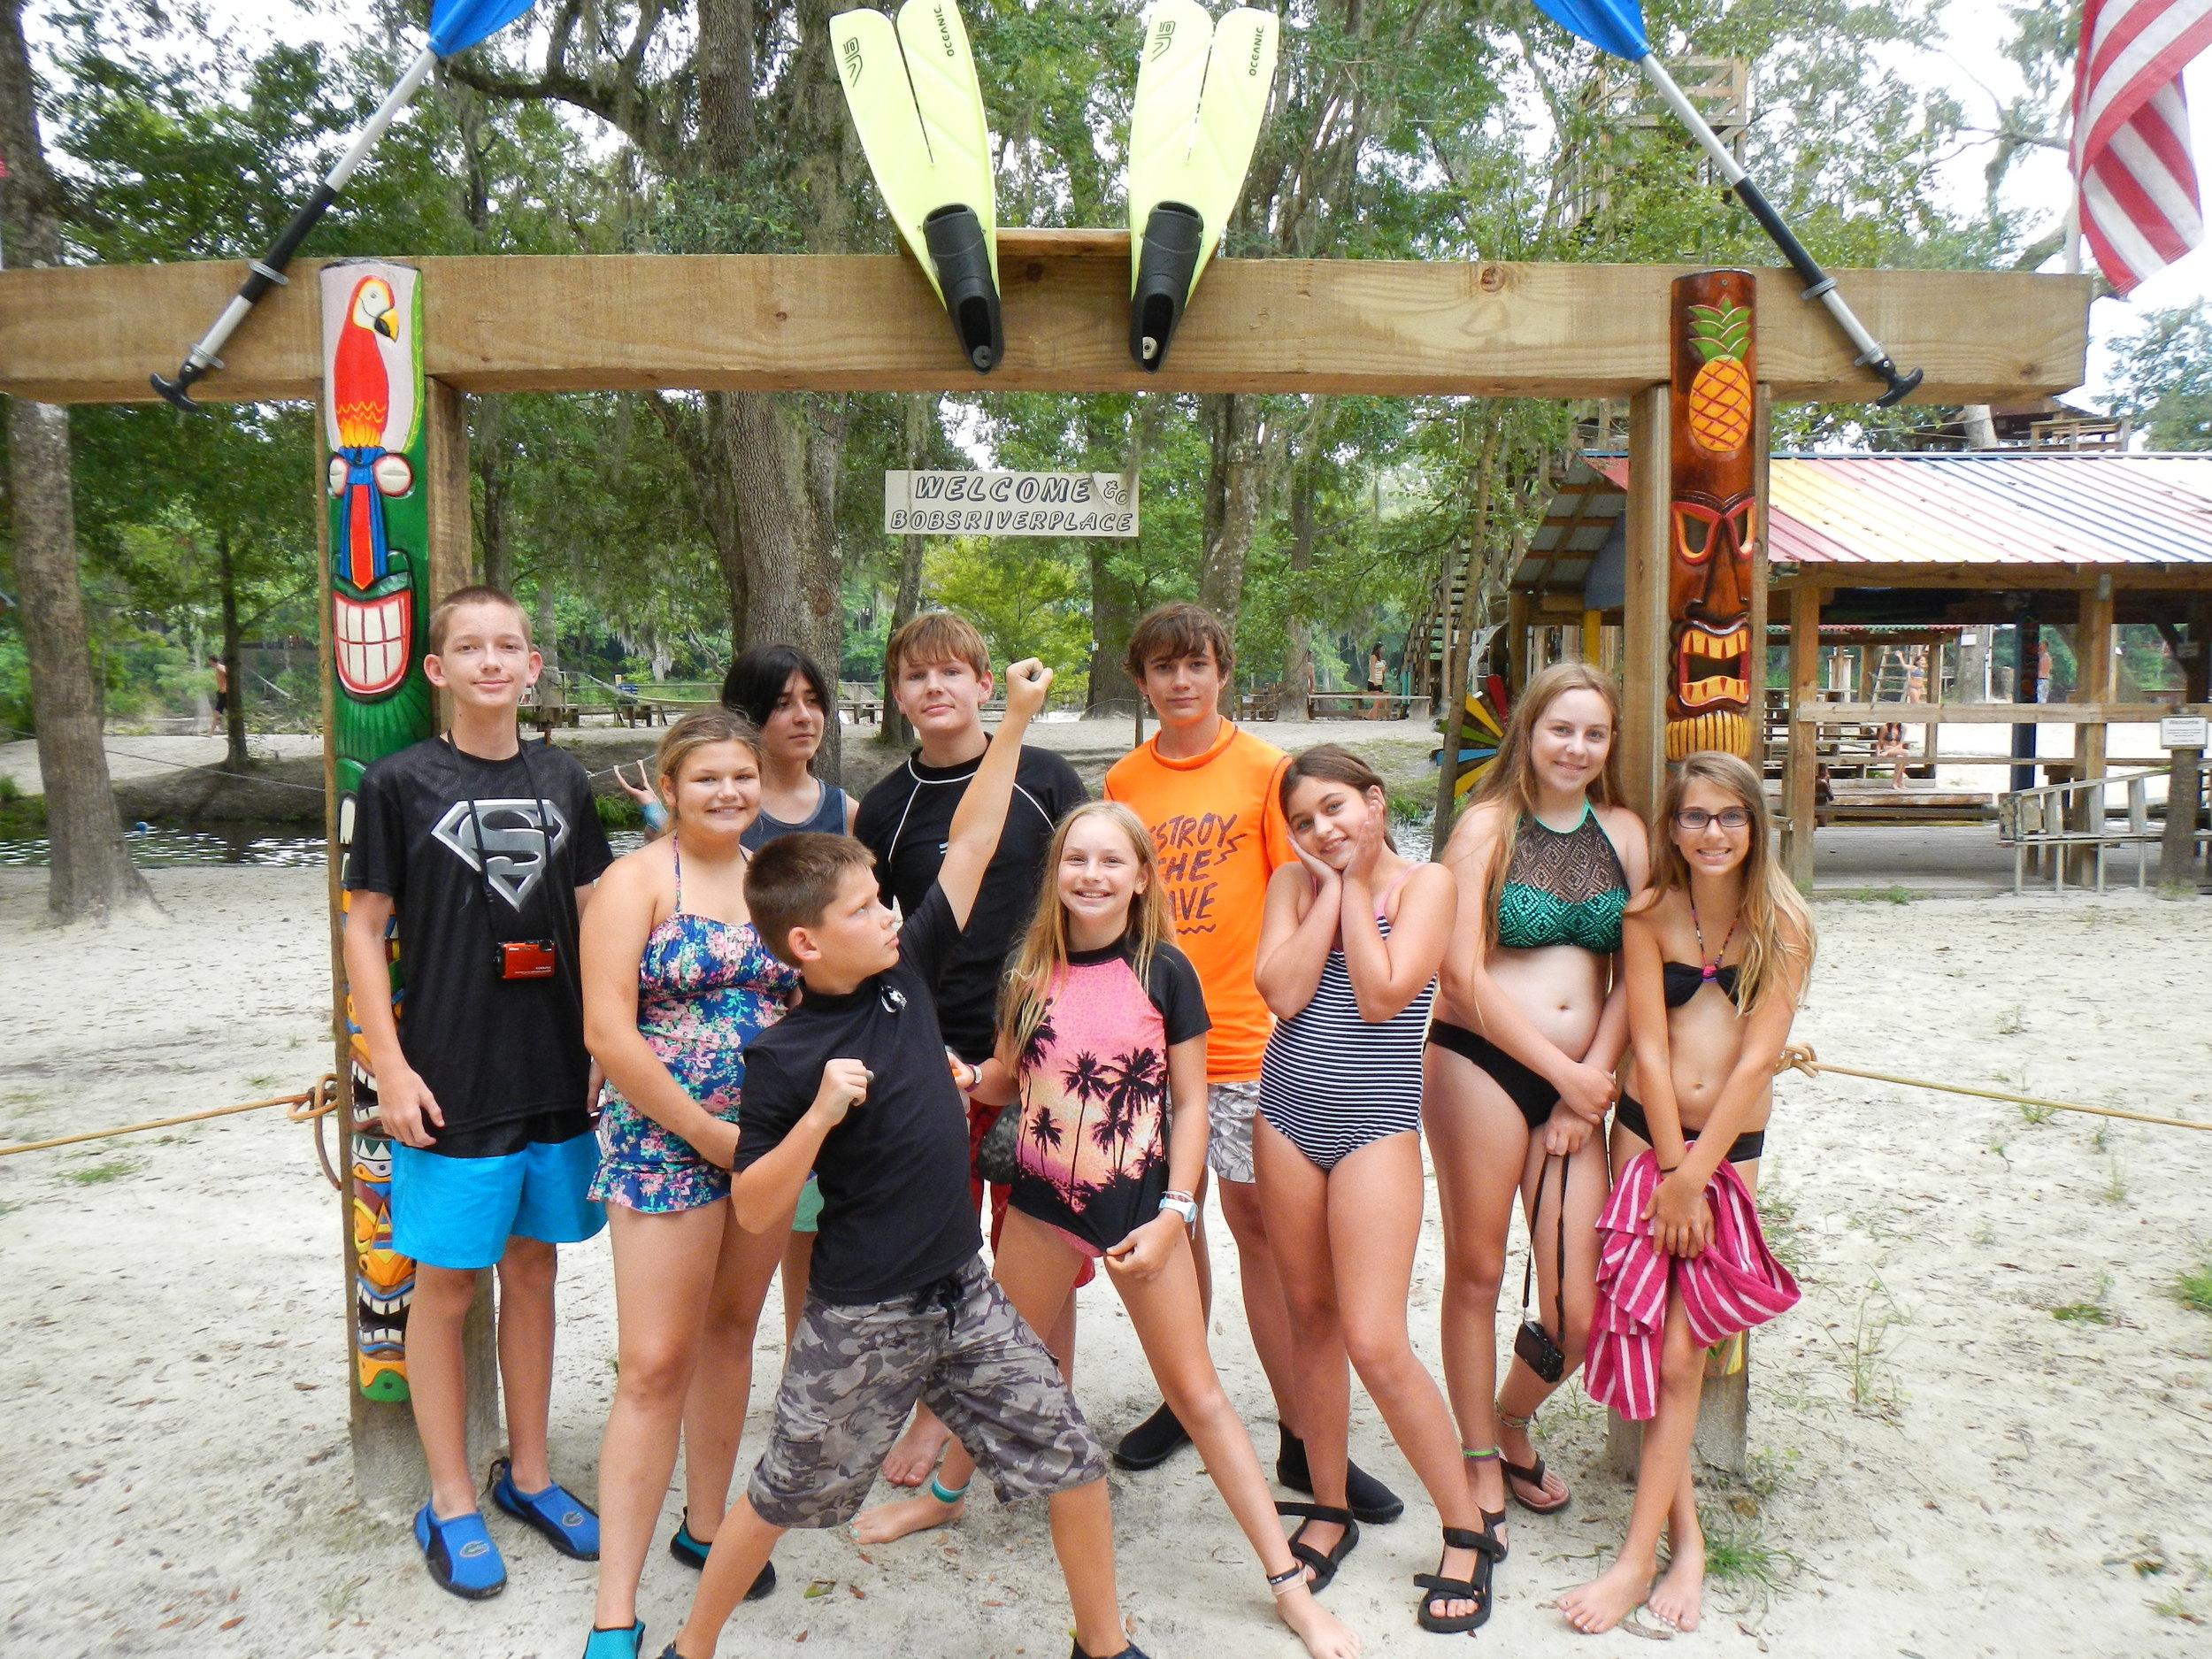 Summer Camp 15 Day 5 Ichetucknee and Testemonials 055.JPG